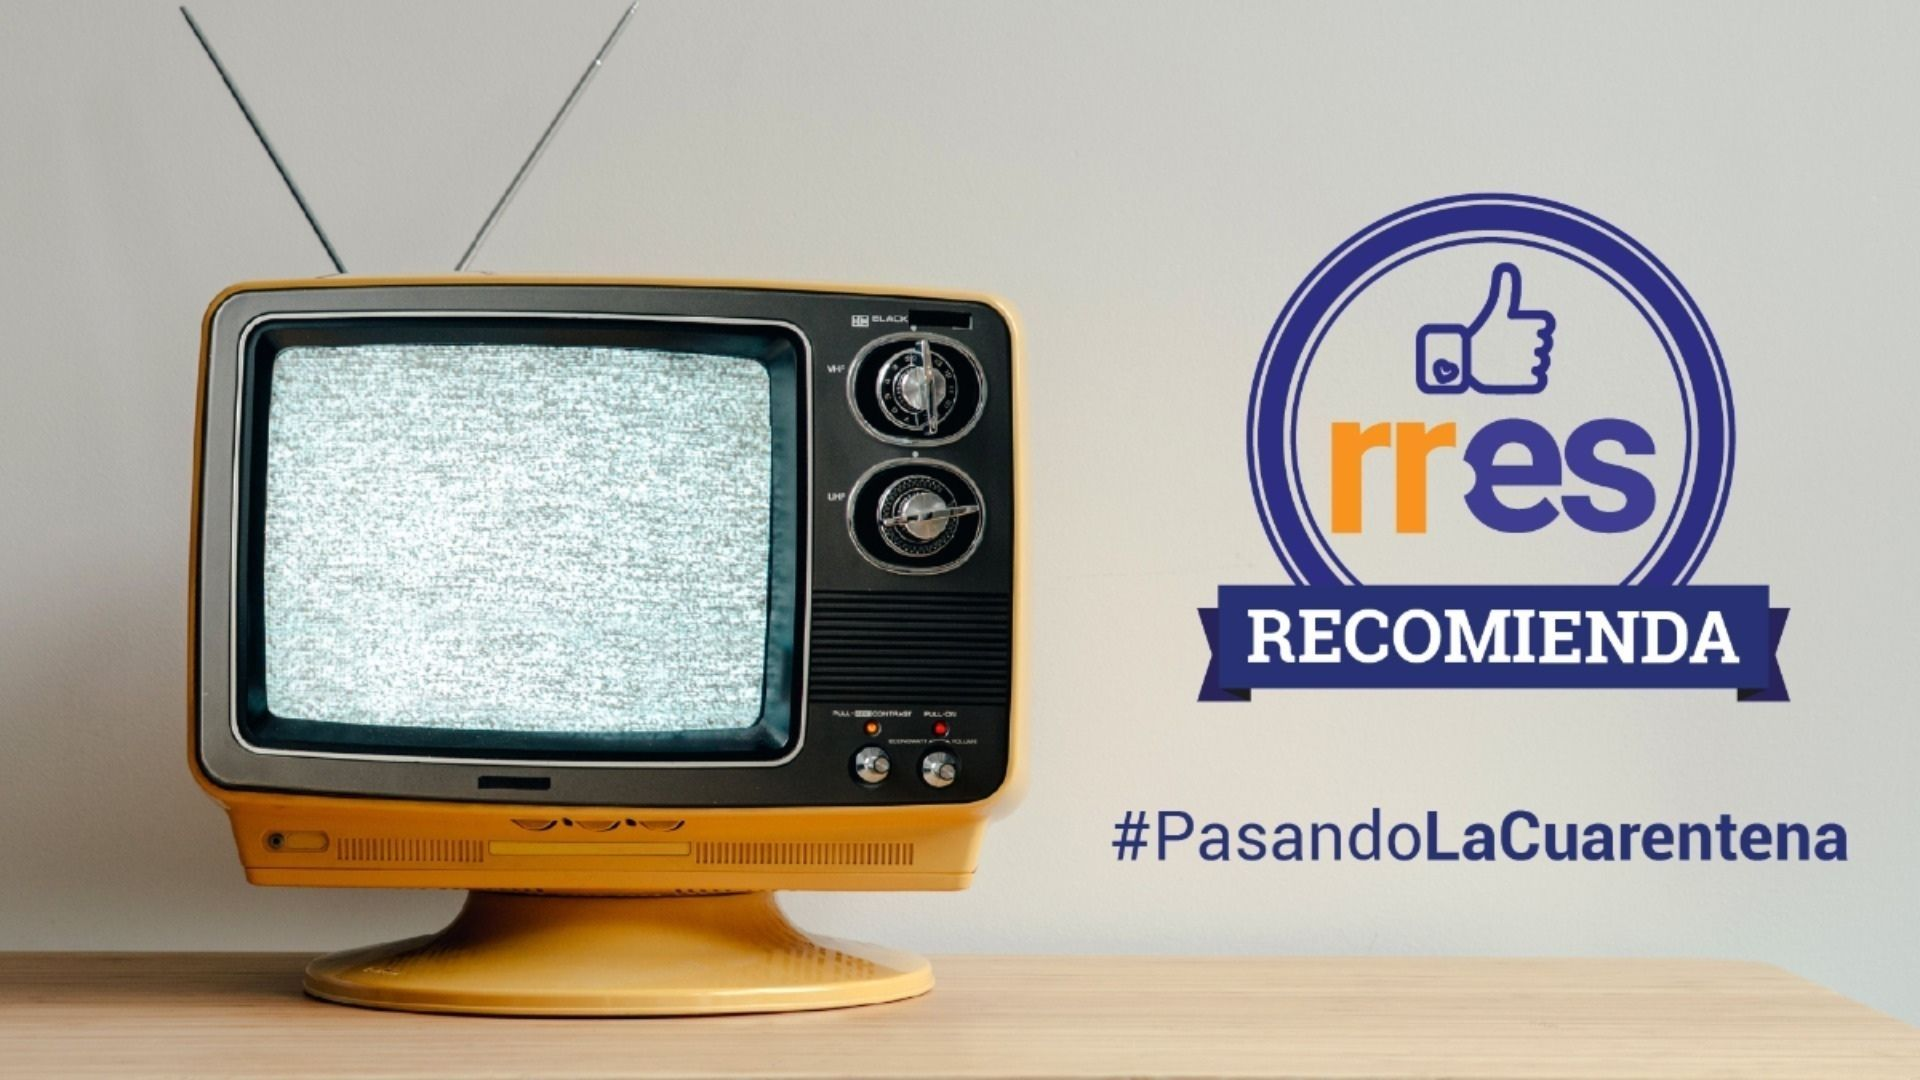 #PasandoLaCuarentena | Macu regresa para rendir homenaje a Daniel Alvarado